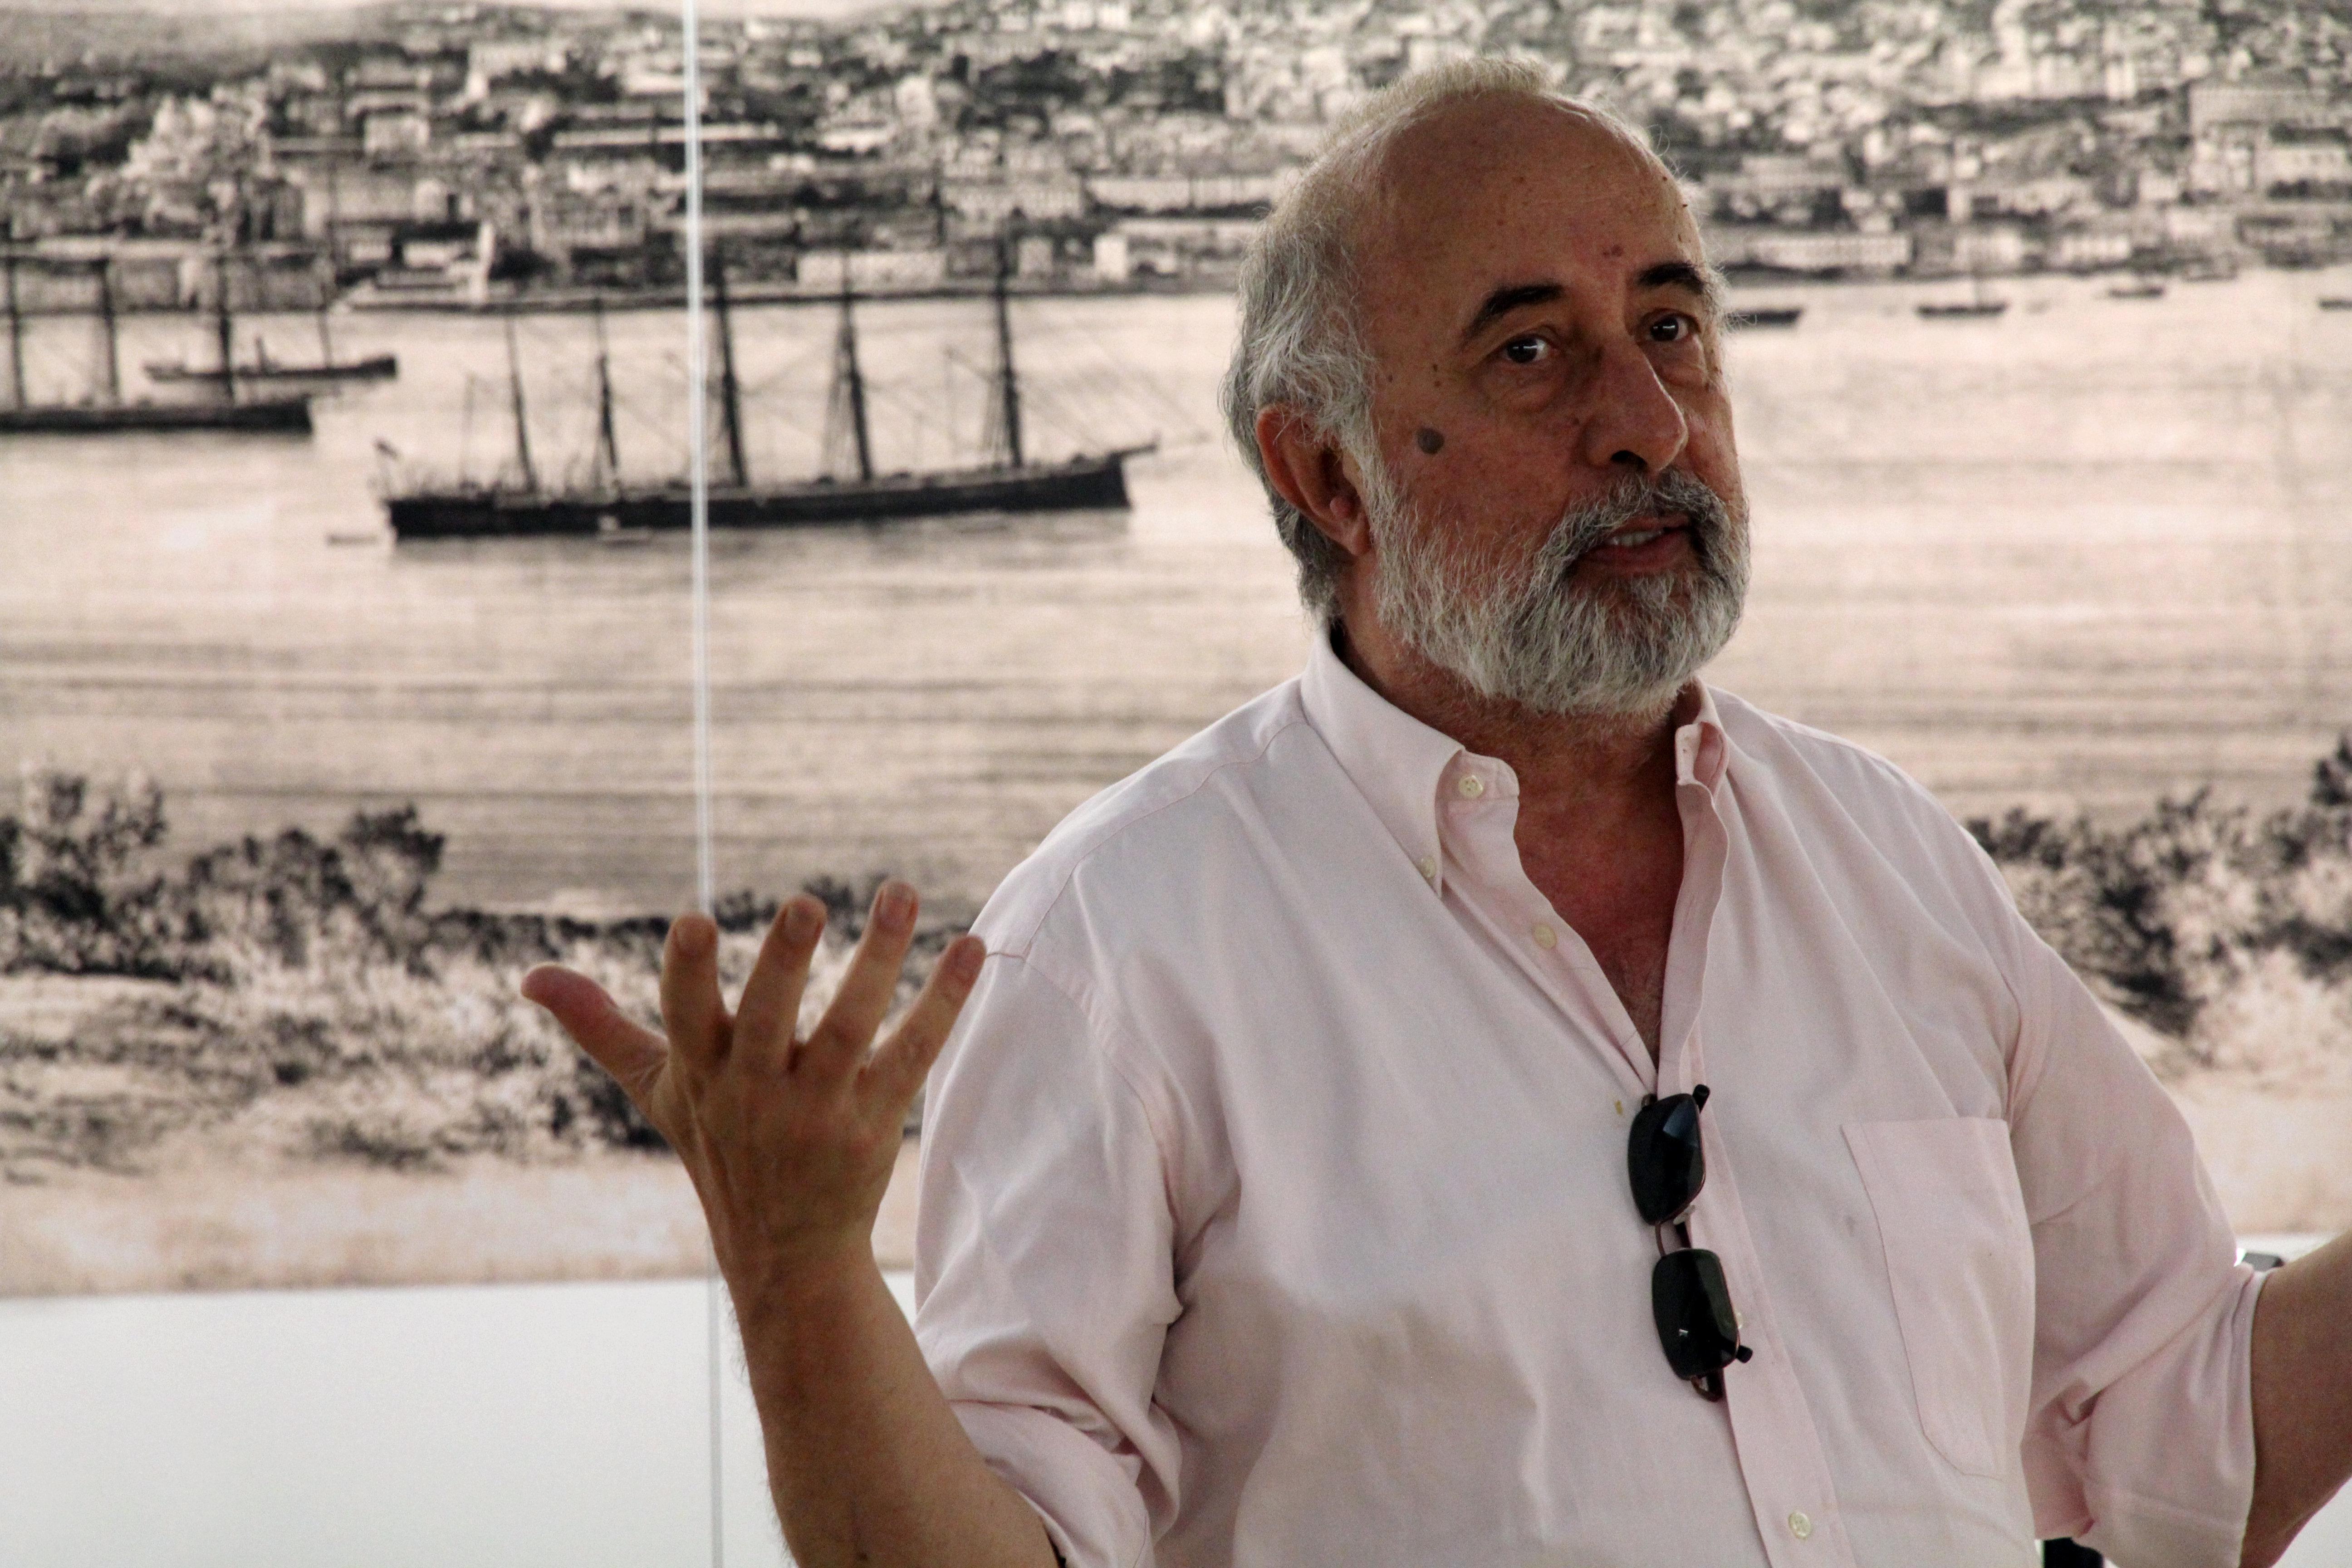 José Sarmento Matos com um ar sério, e com os braços ligeiramente erguidos como quem explica algo, com uma imagem de Lisboa atrás (a preto-e-branco, existem barcos, um rio e a cidade por trás)